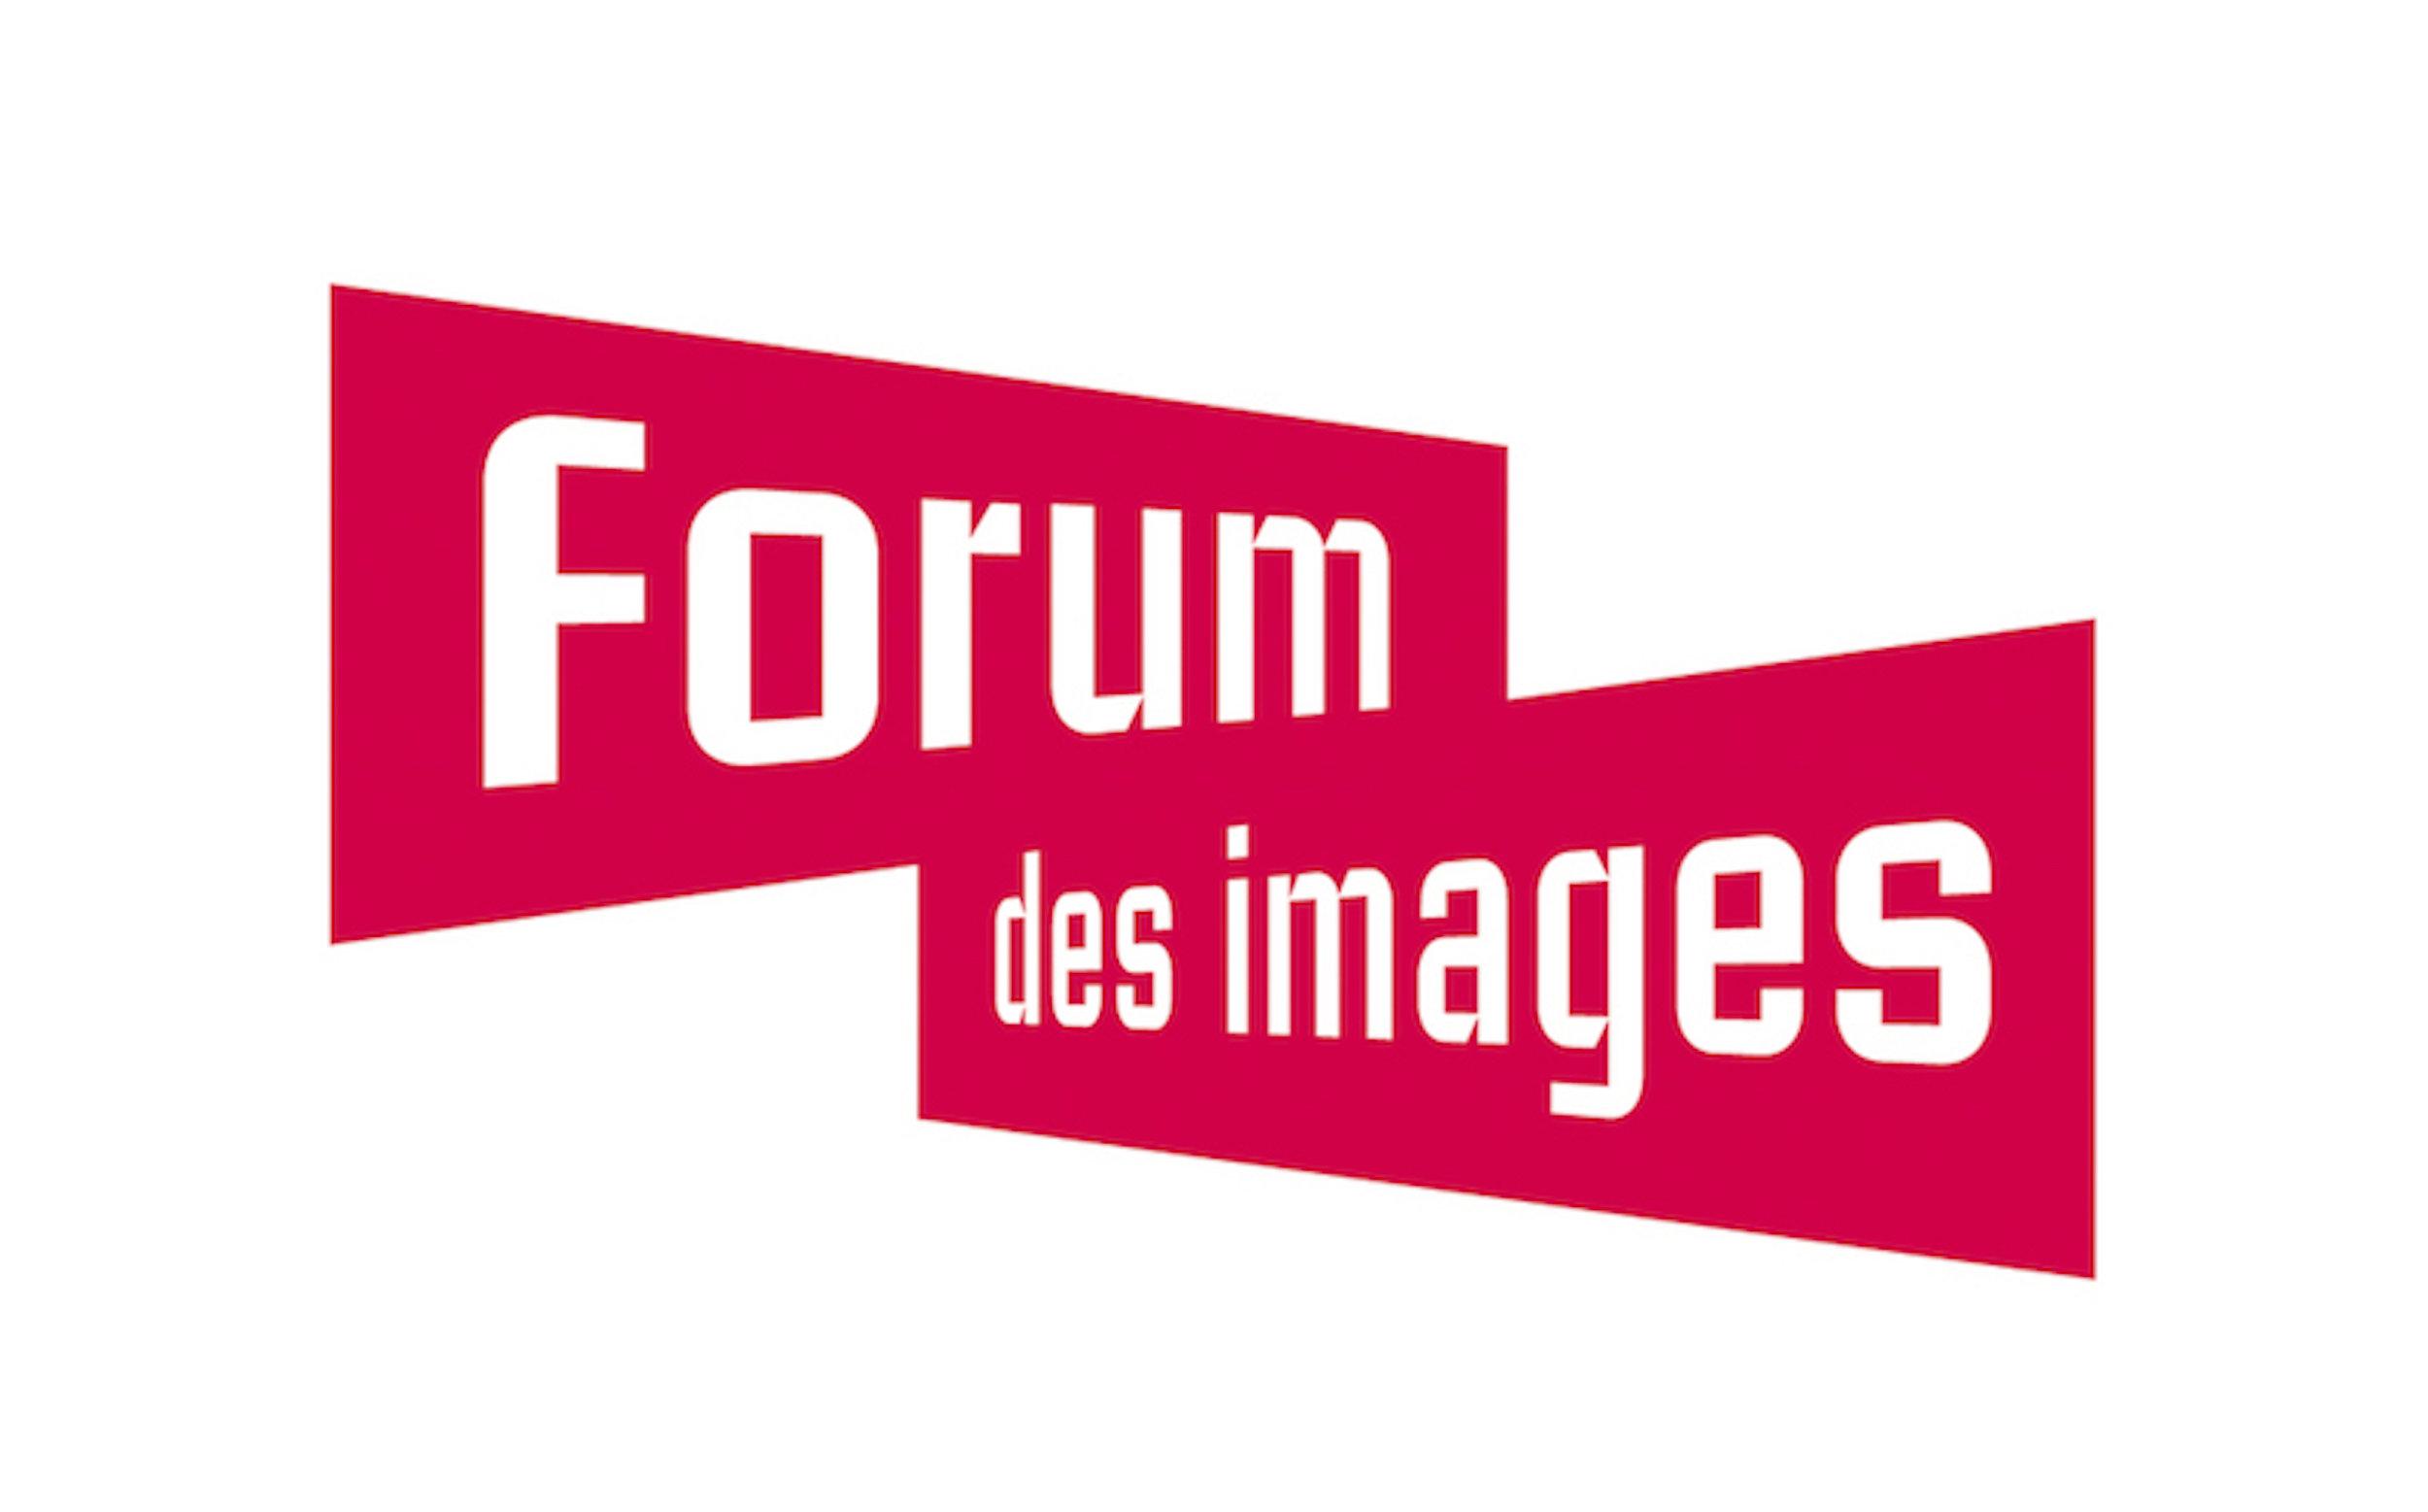 LOGO-Forum-des-images-couleurs.jpg